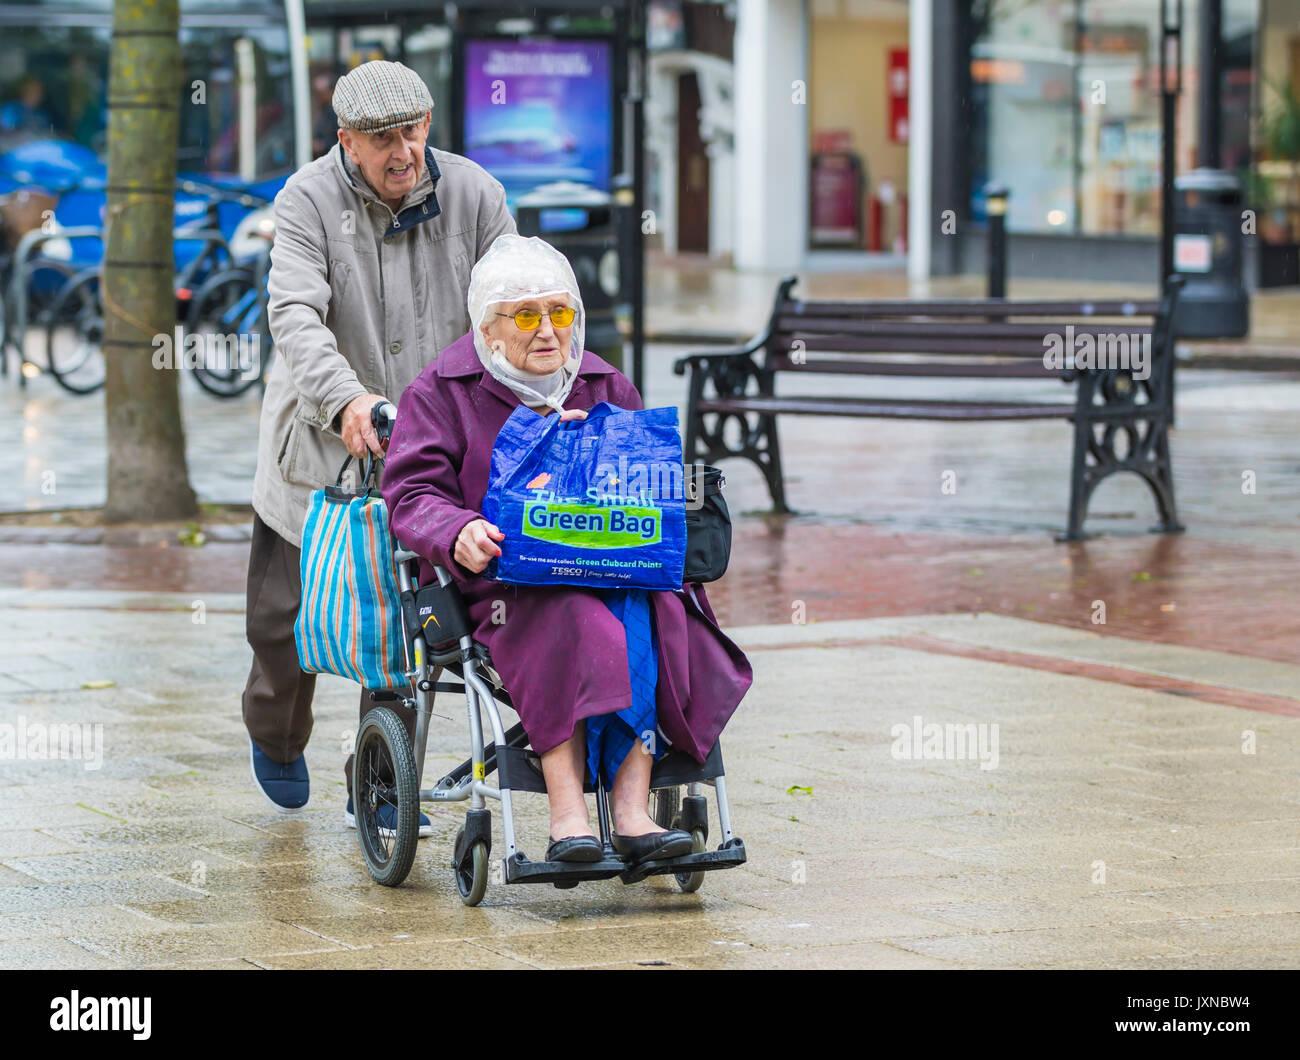 Vieux couple shopping sous la pluie, l'un poussant l'autre dans un fauteuil roulant, transportant un sac Tesco 'pour la vie'. 'Le petit sac vert'. Vieux mobilité de la pluie. Photo Stock